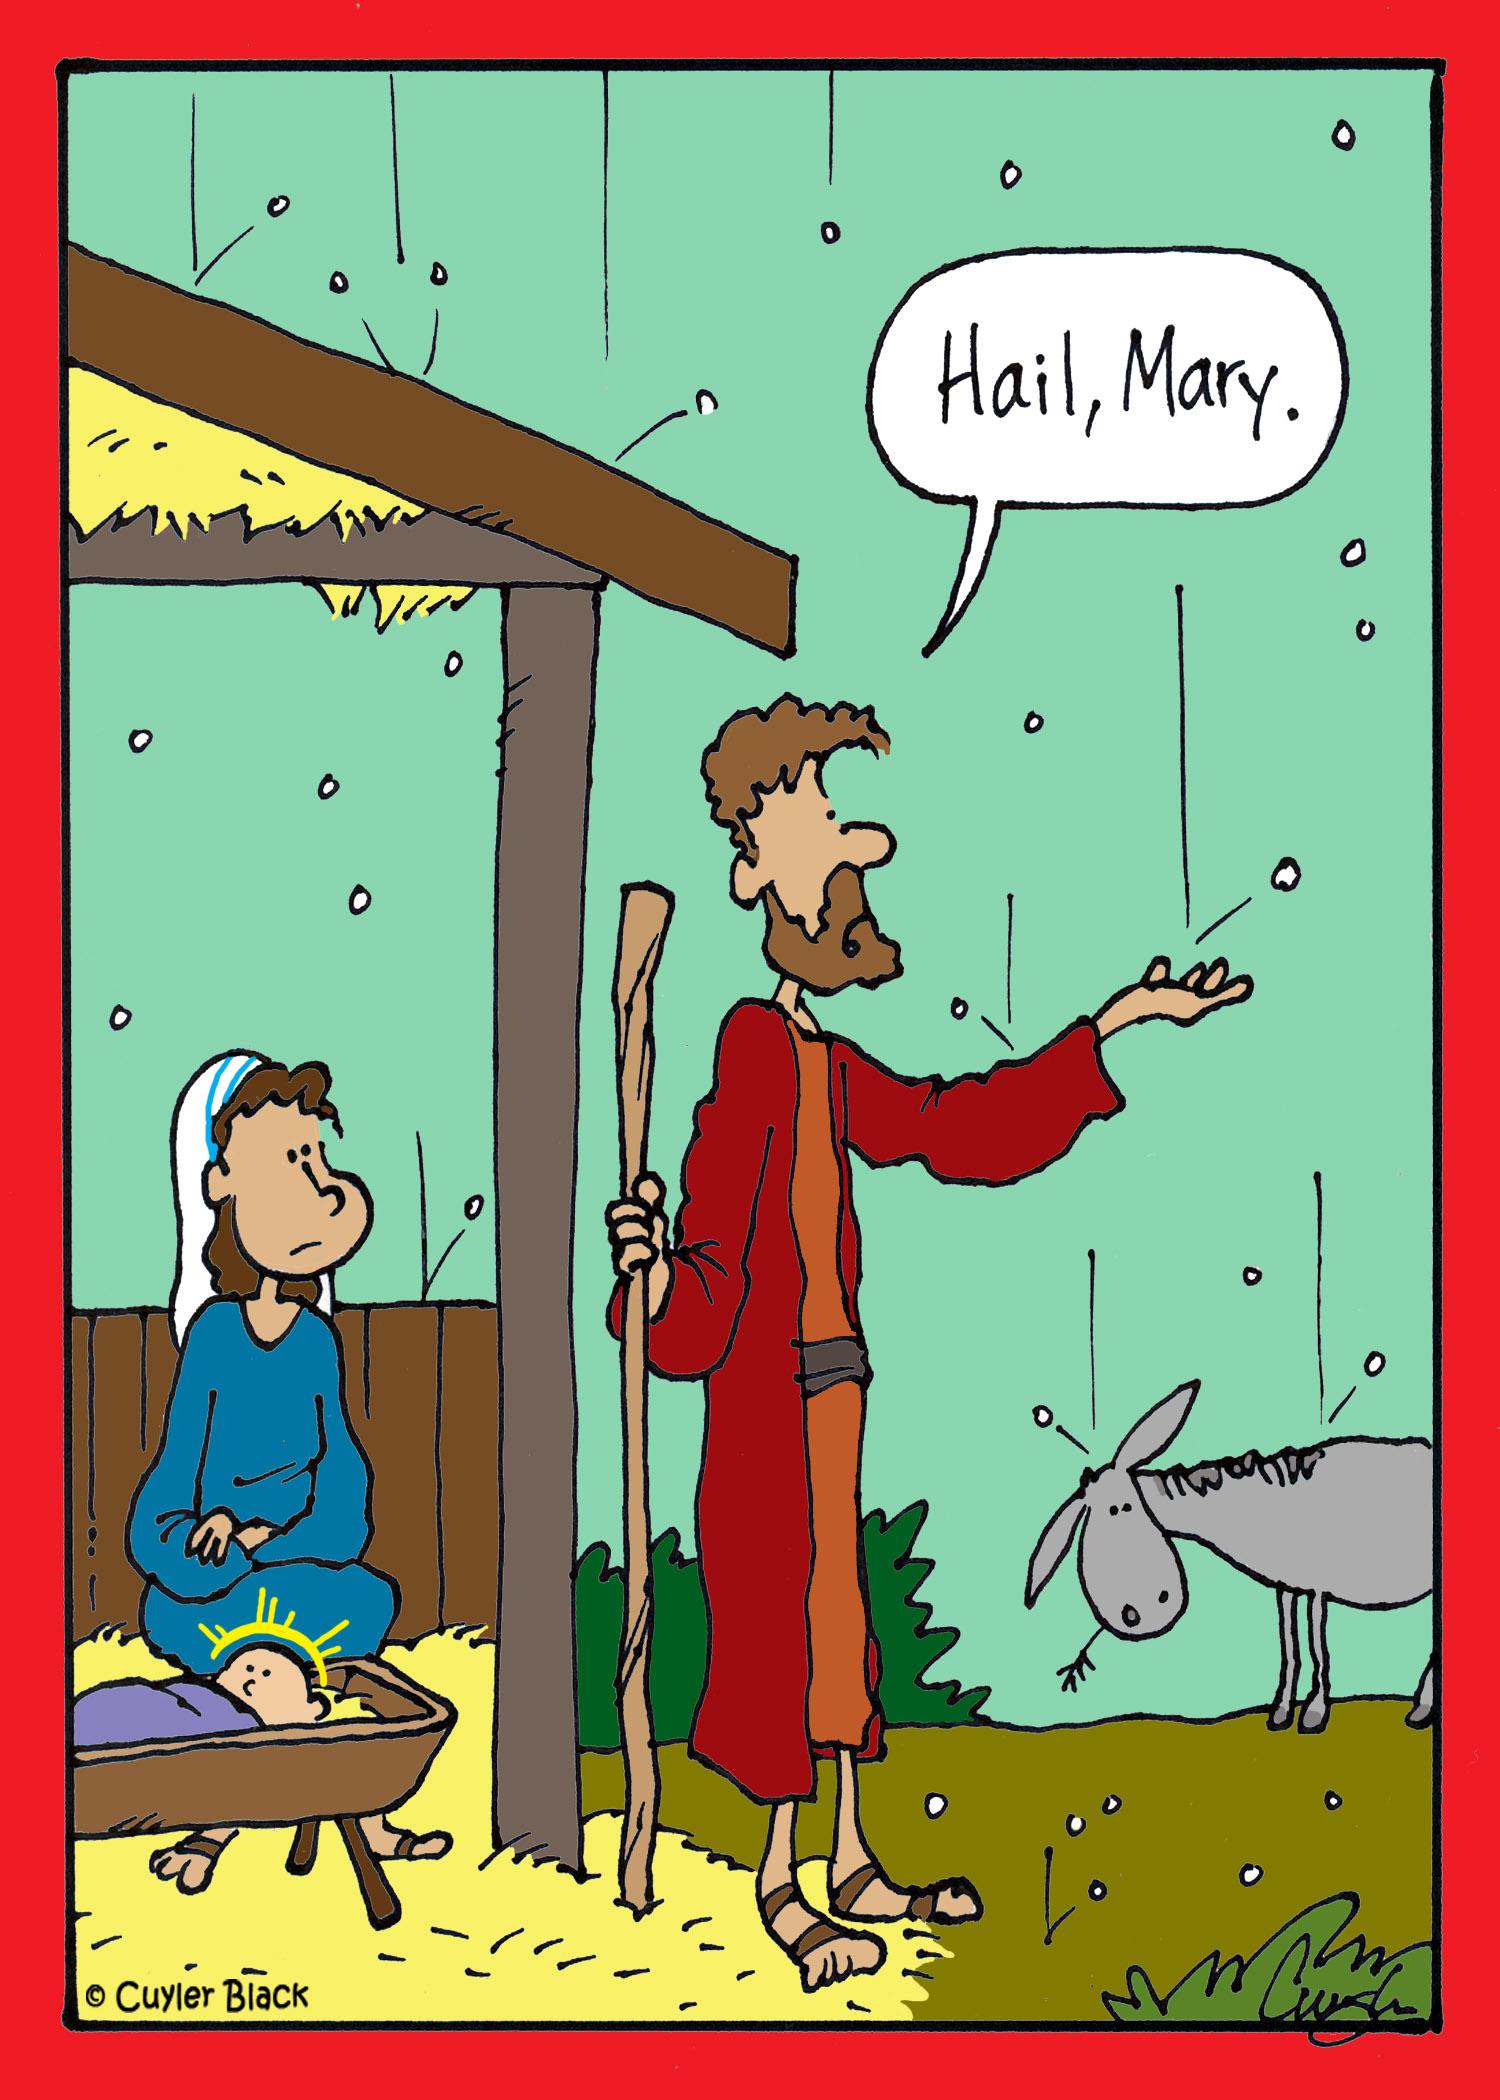 Hail, Mary.jpg